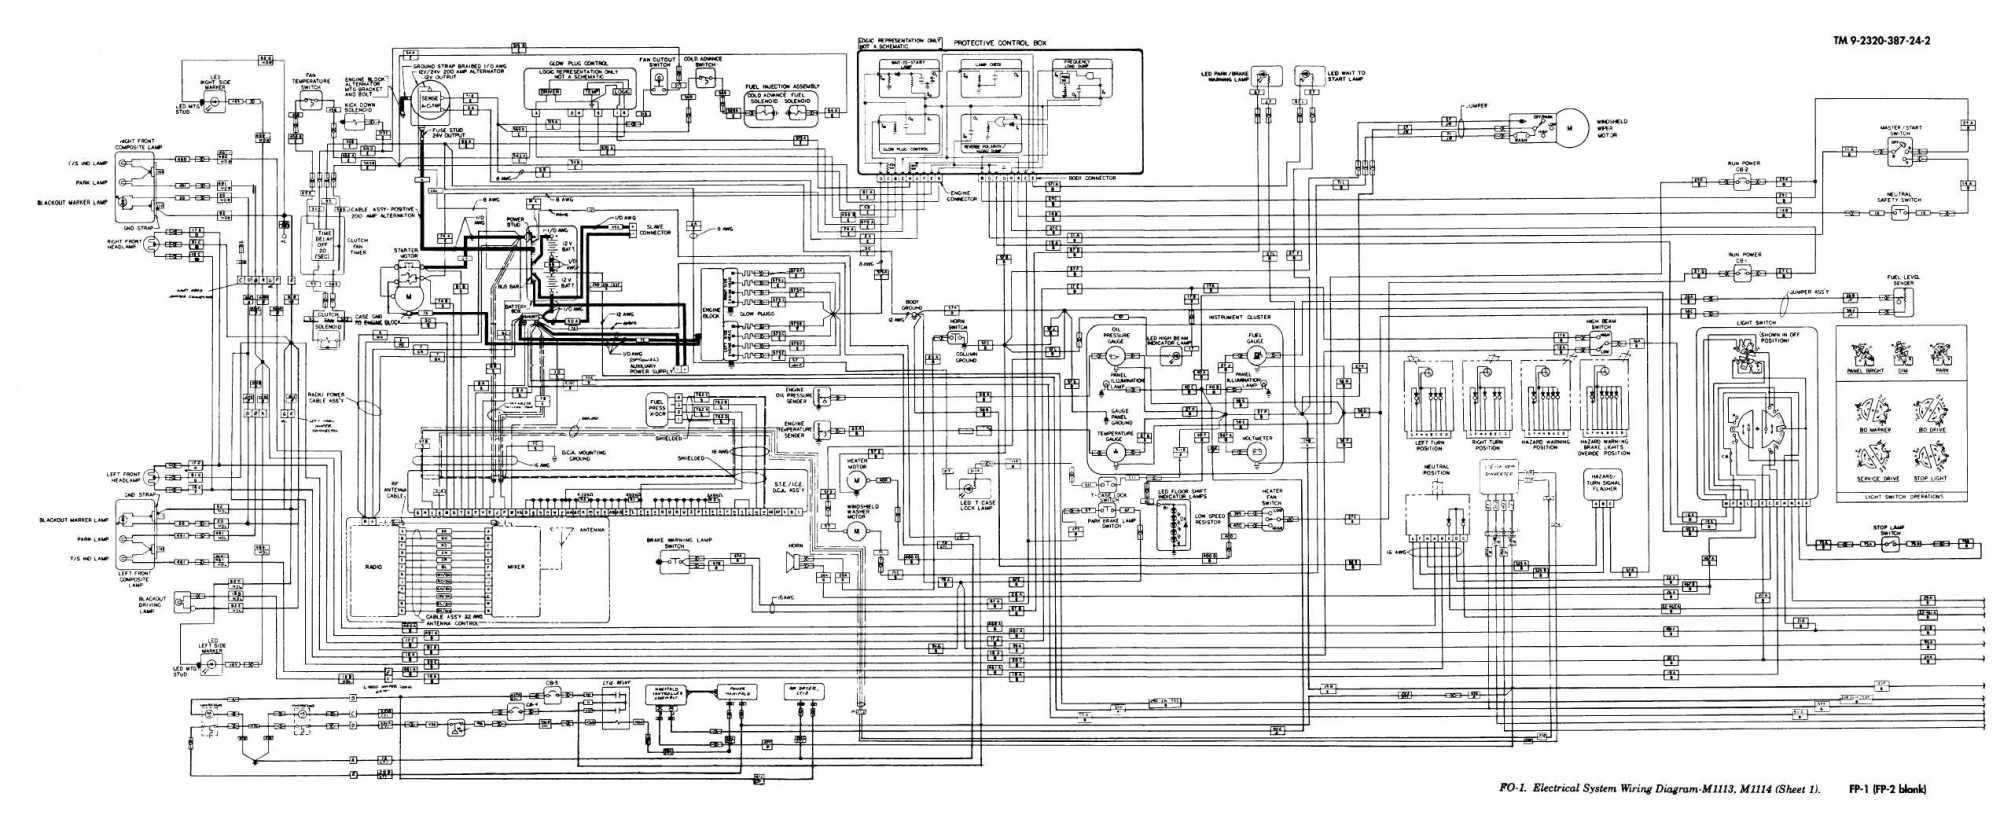 hight resolution of hmmwv wiring schematic my wiring diagram hmmwv electrical schematic hmmwv wiring schematic